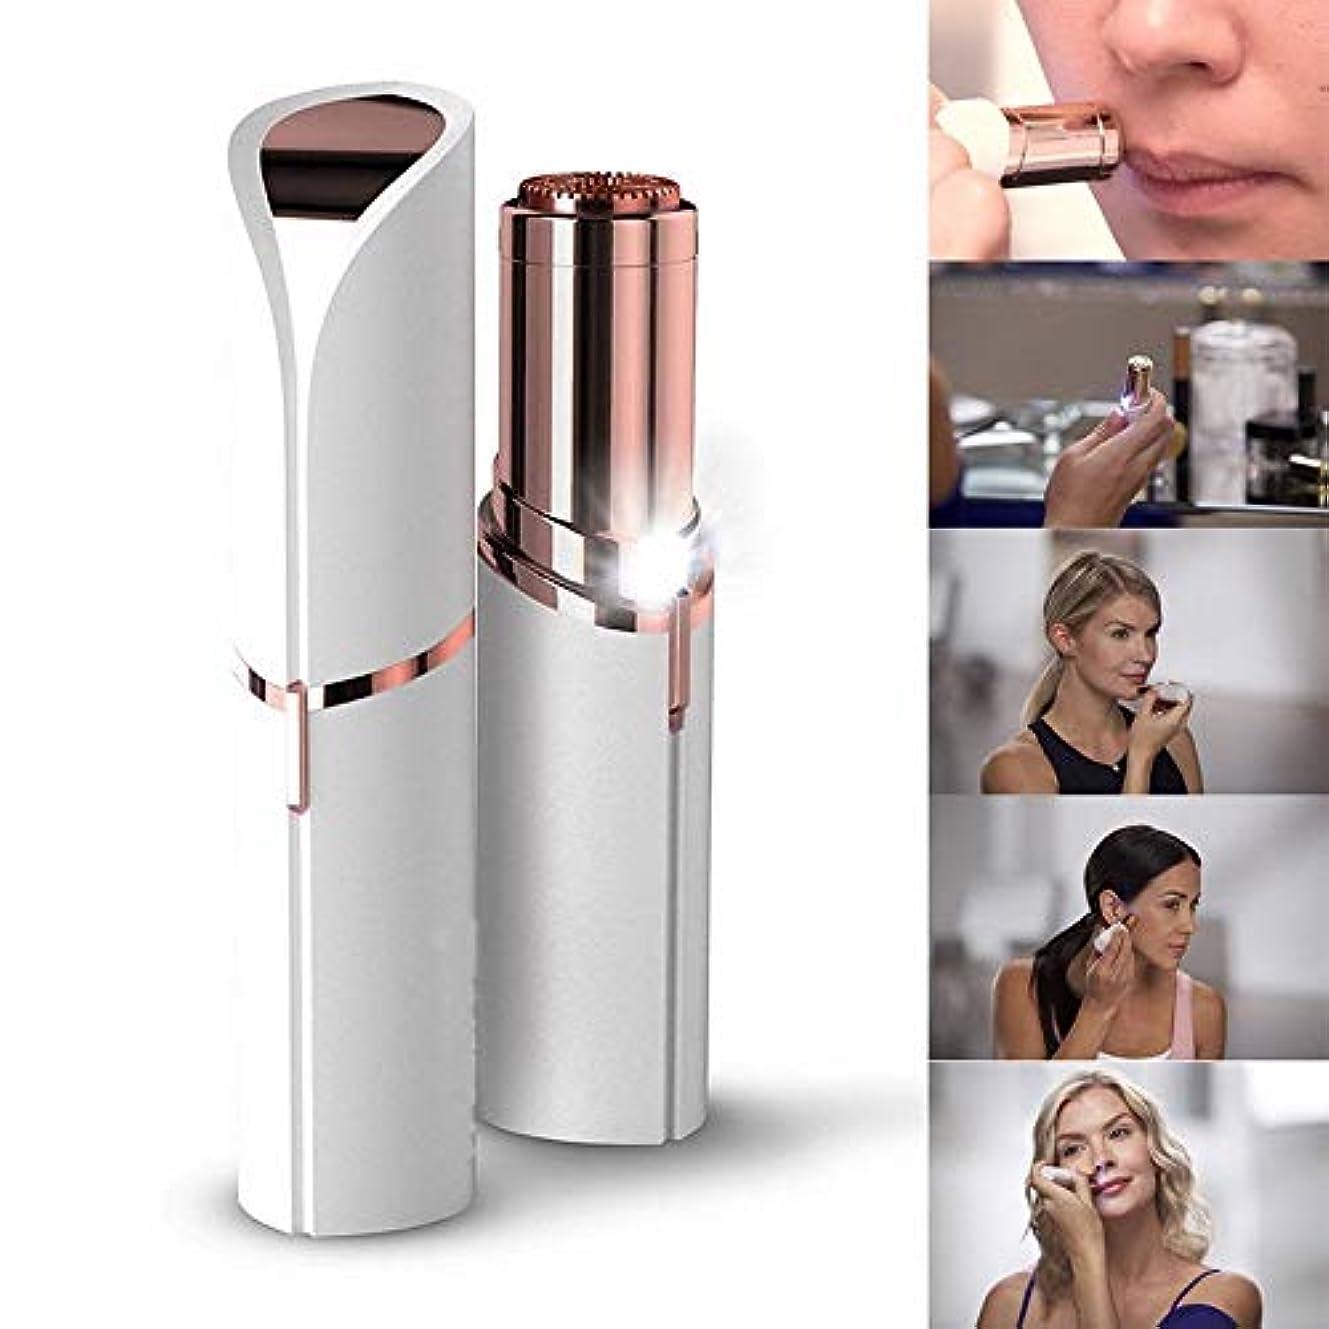 溝注ぎます良心的電動脱毛器 - 女性用無痛顔面脱毛器、多機能ポータブル脱毛器、全身用、電池式